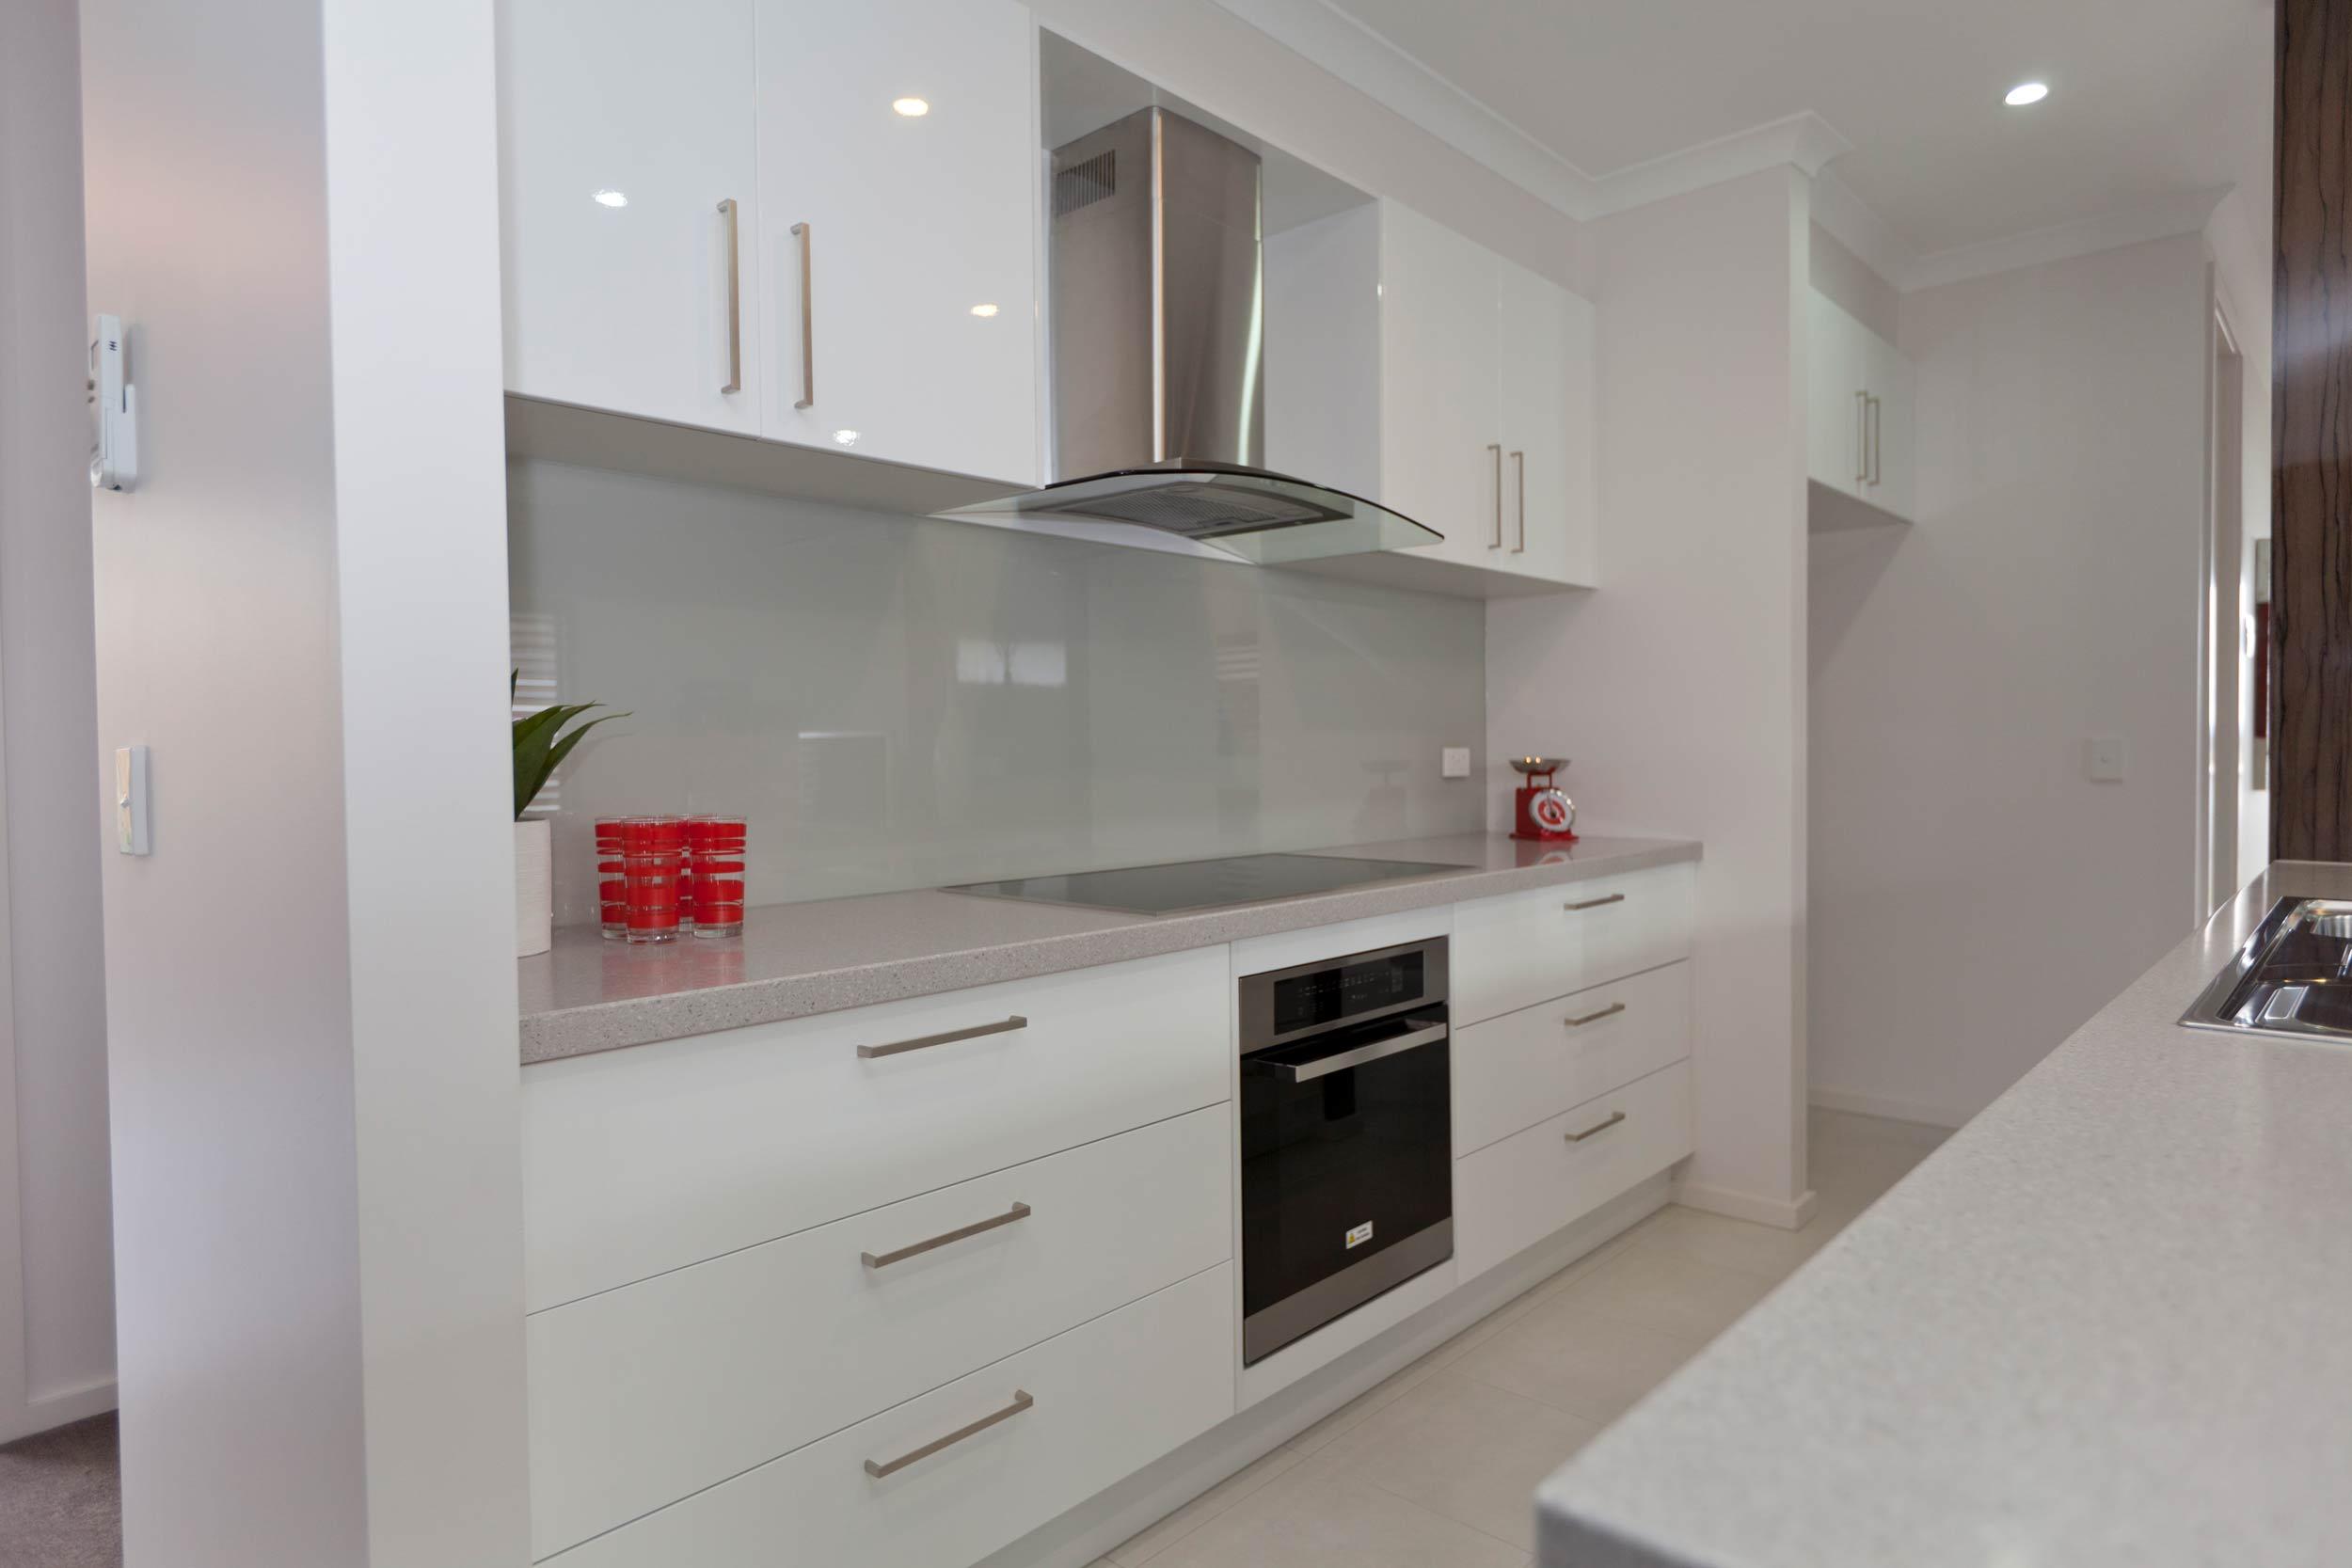 Bonlex Australia Kitchen Cabinets010 Bonlex Australia